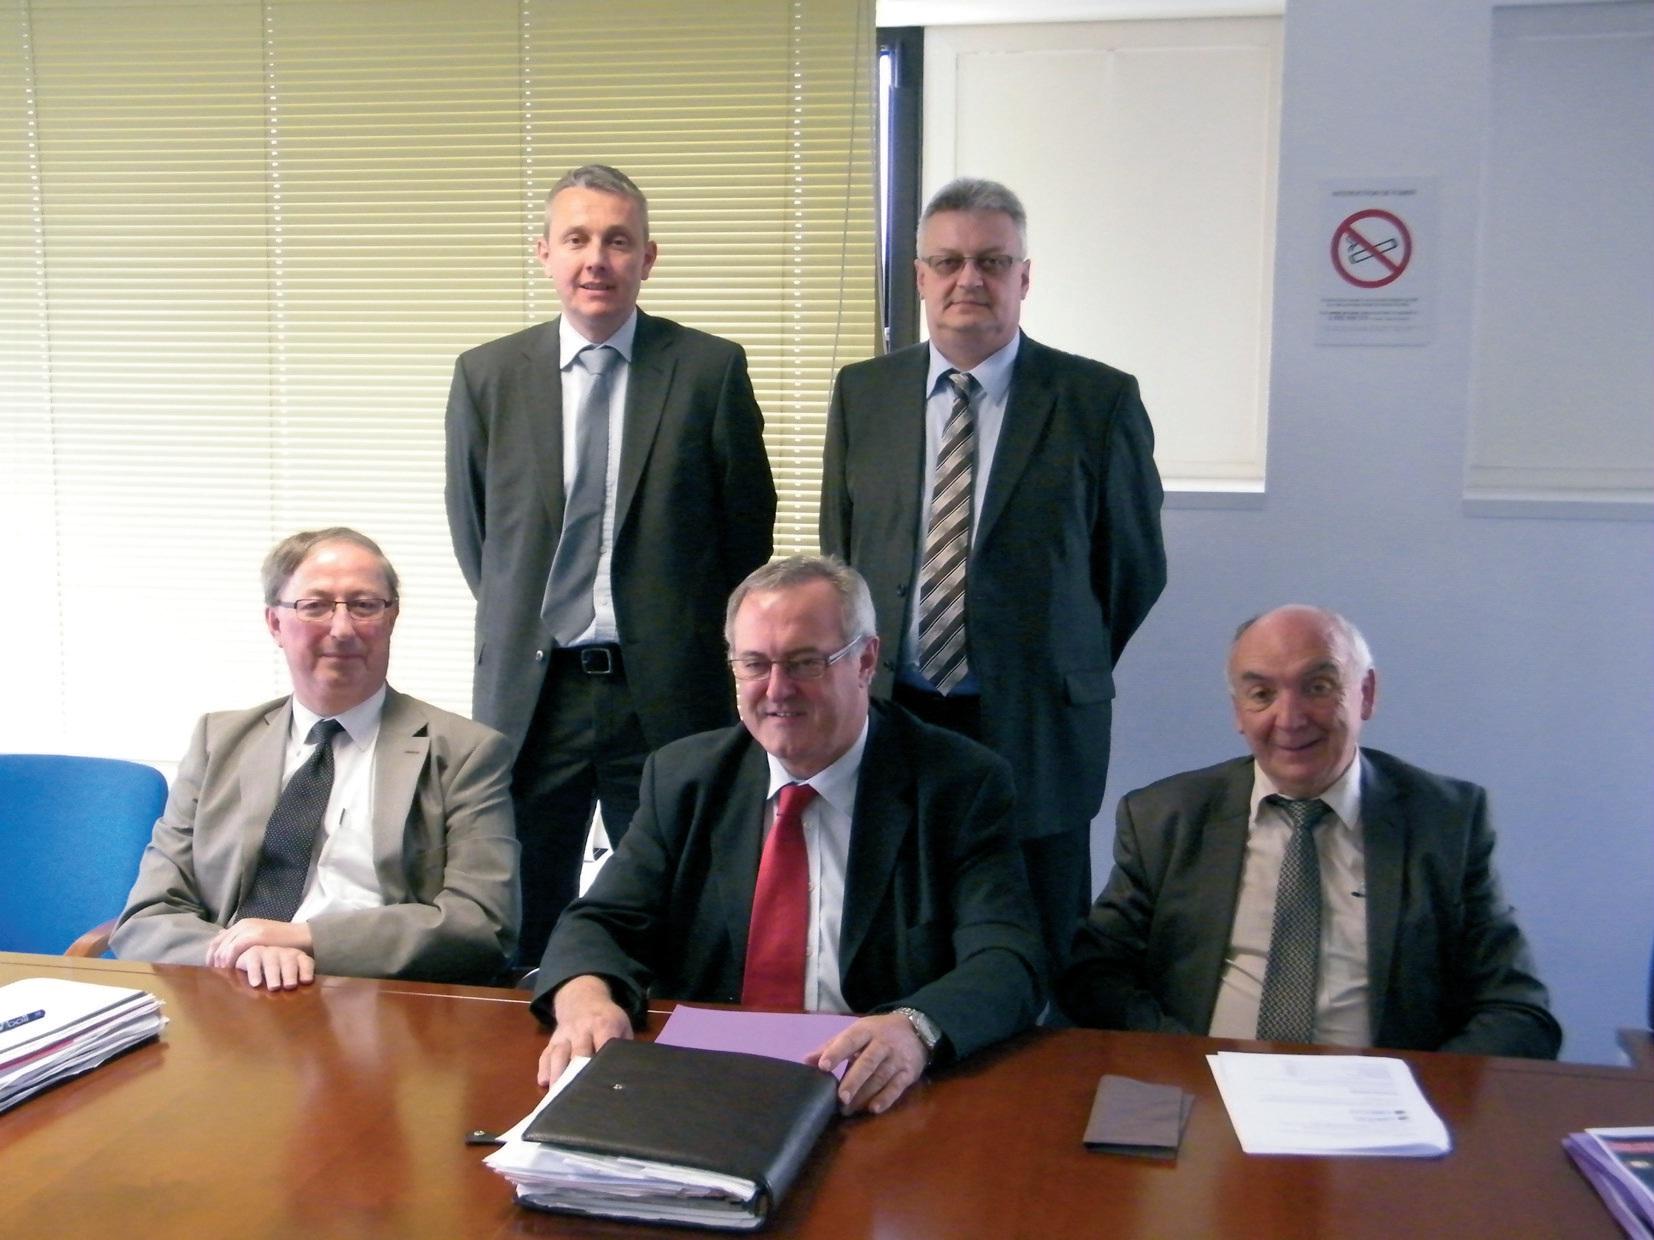 Les élus et le groupement d'entreprises ont lancé la nouvelle mouture du réseau Caso bus.